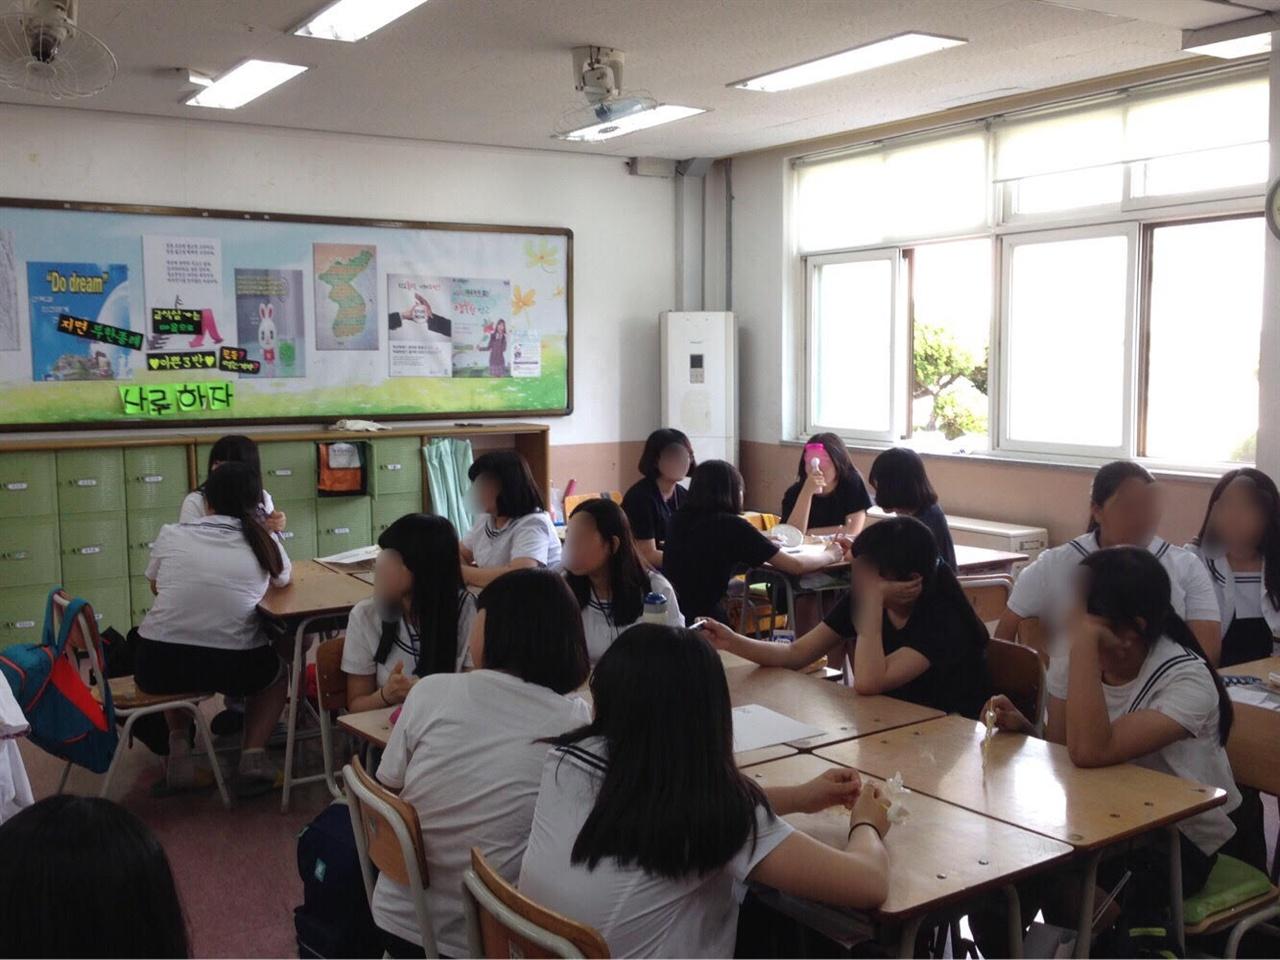 진로교육의 사각지대 학생들이 진로교육 강사의 설명을 듣는 중, 오른쪽 상단의 학생들이 다른 행동을 하는 것을 볼 수 있다.